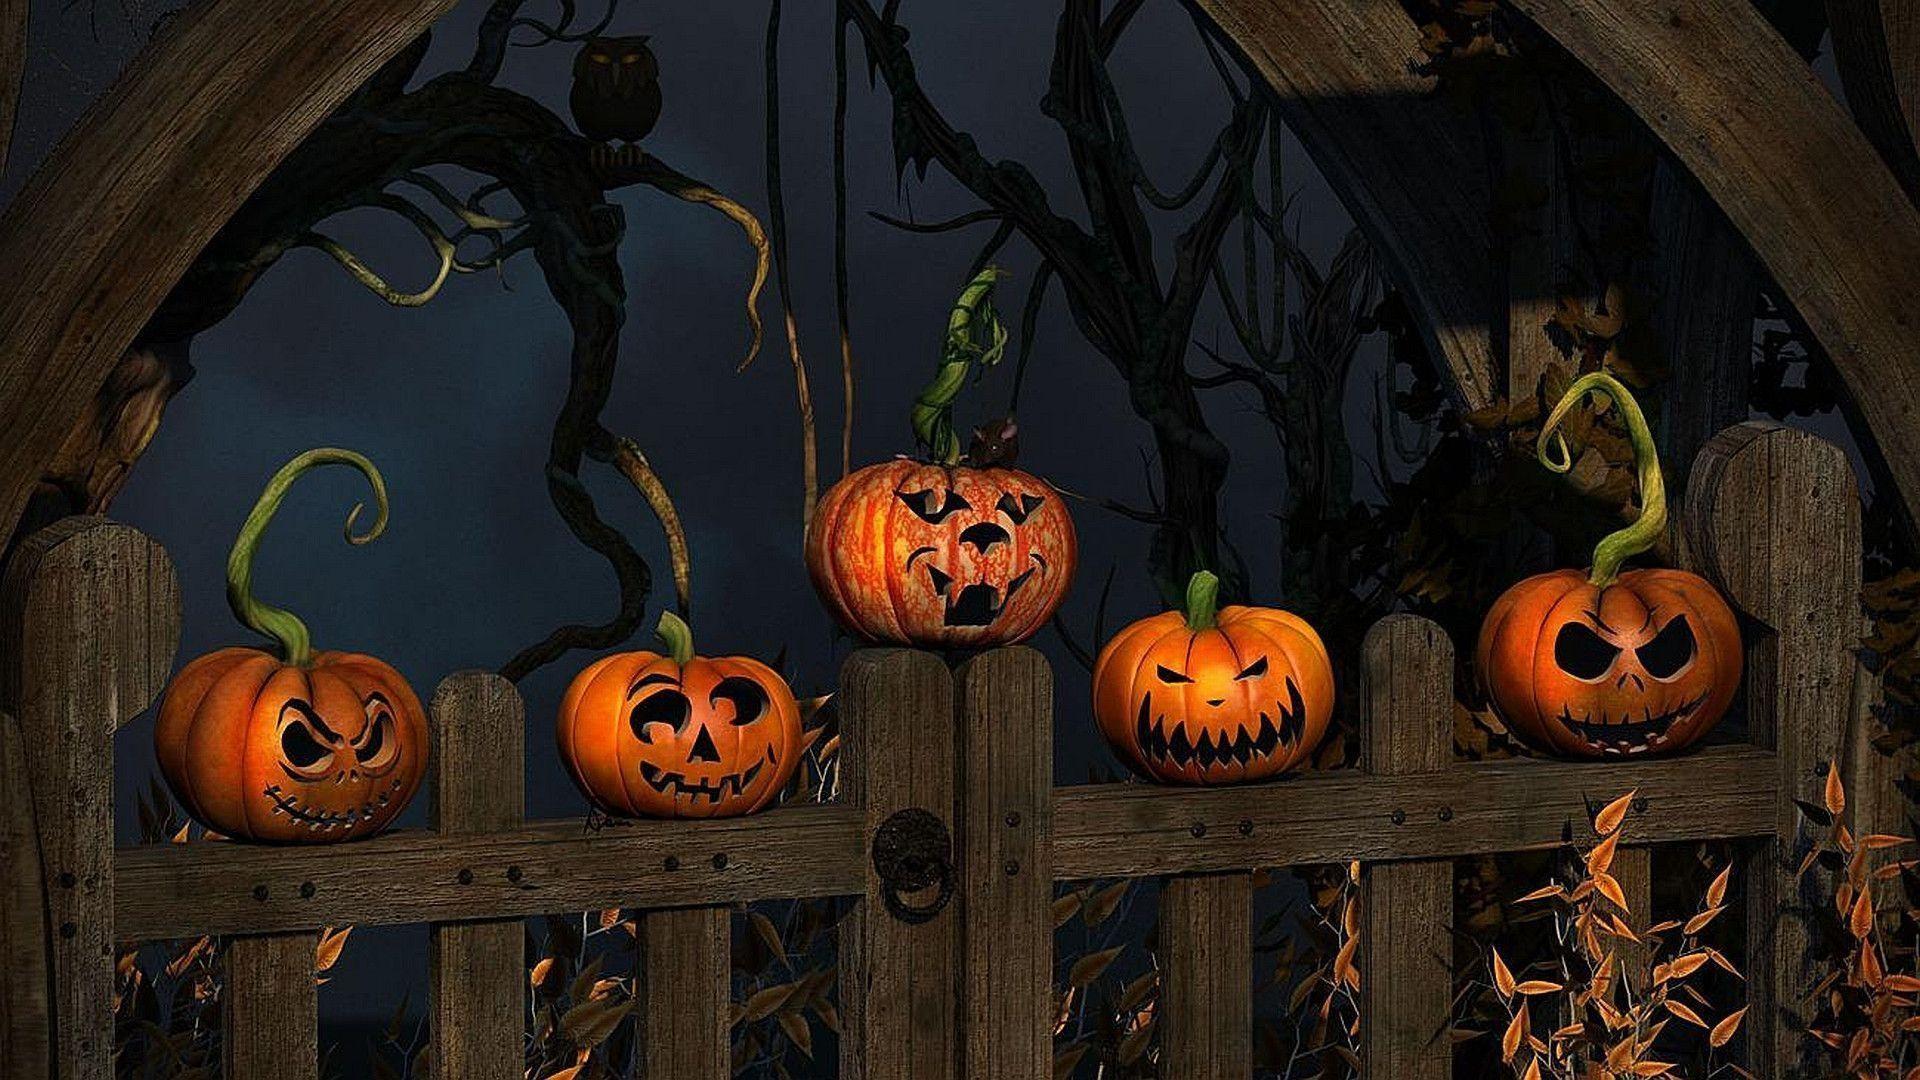 Res: 1920x1080, Halloween Wallpapers 5 - 1920 X 1080